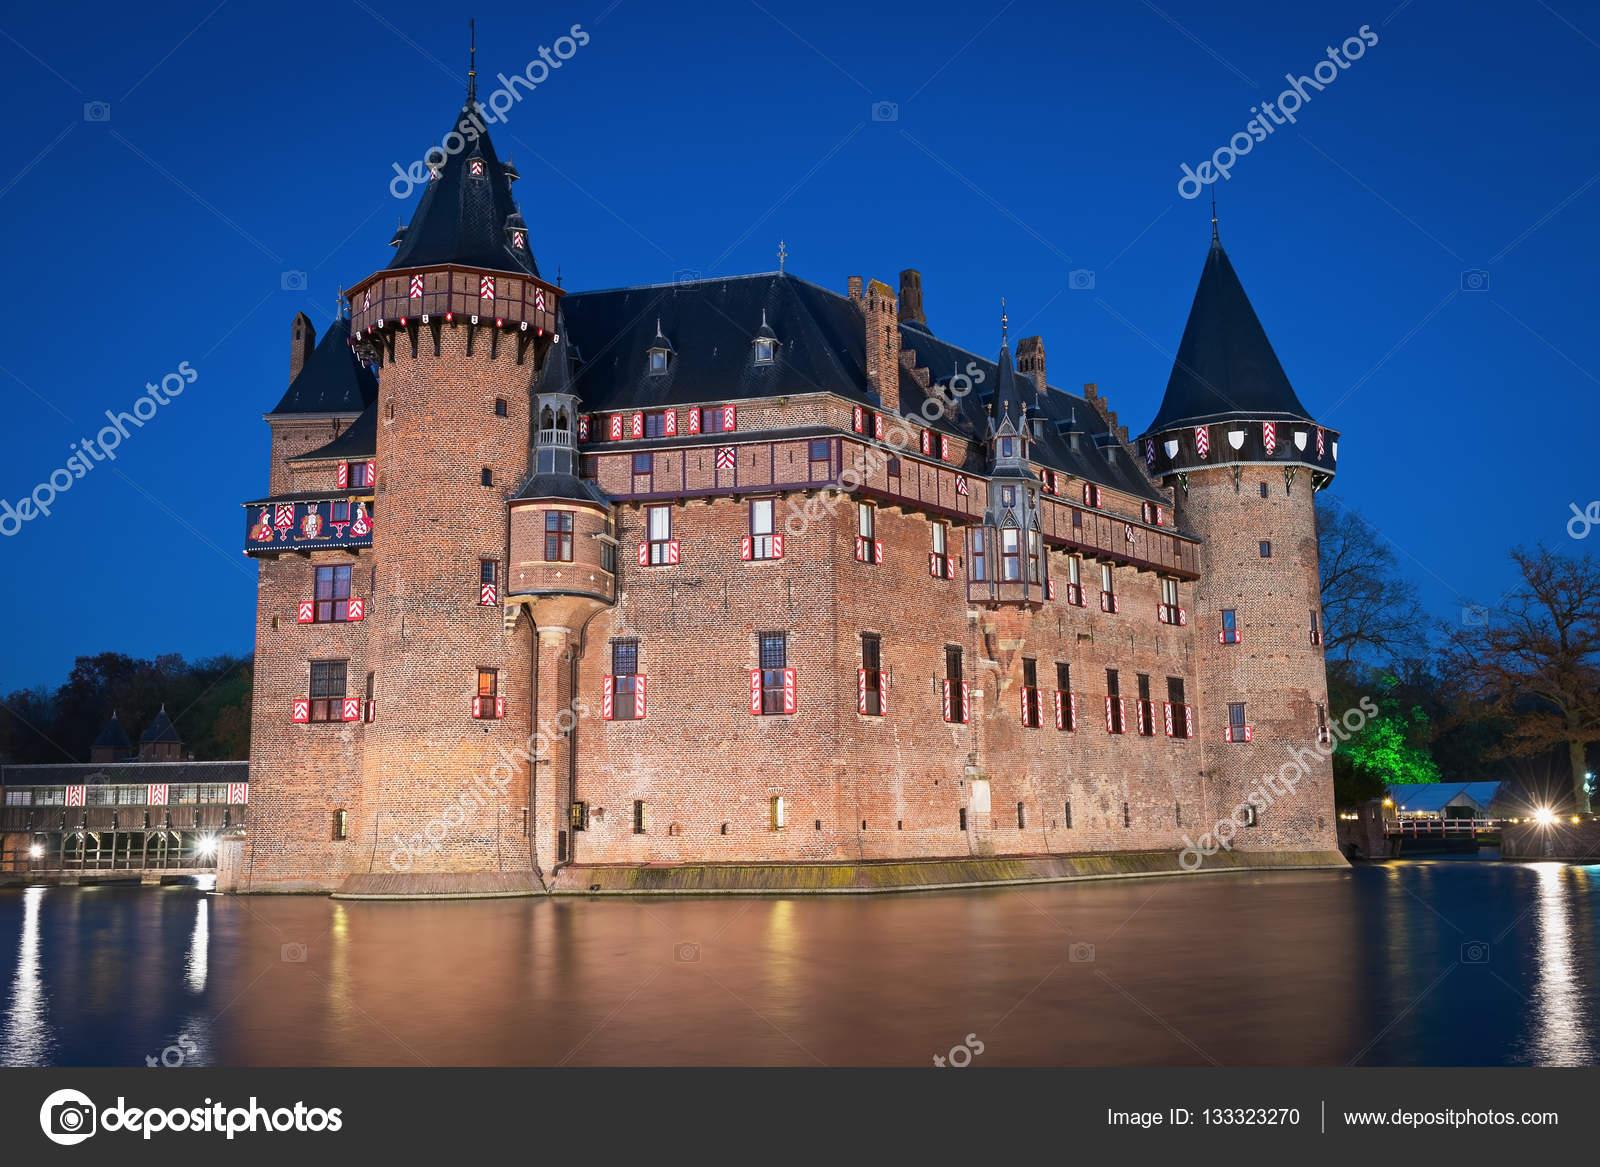 https://st3.depositphotos.com/3274035/13332/i/1600/depositphotos_133323270-stockafbeelding-uitzicht-op-het-middeleeuwse-kasteel.jpg